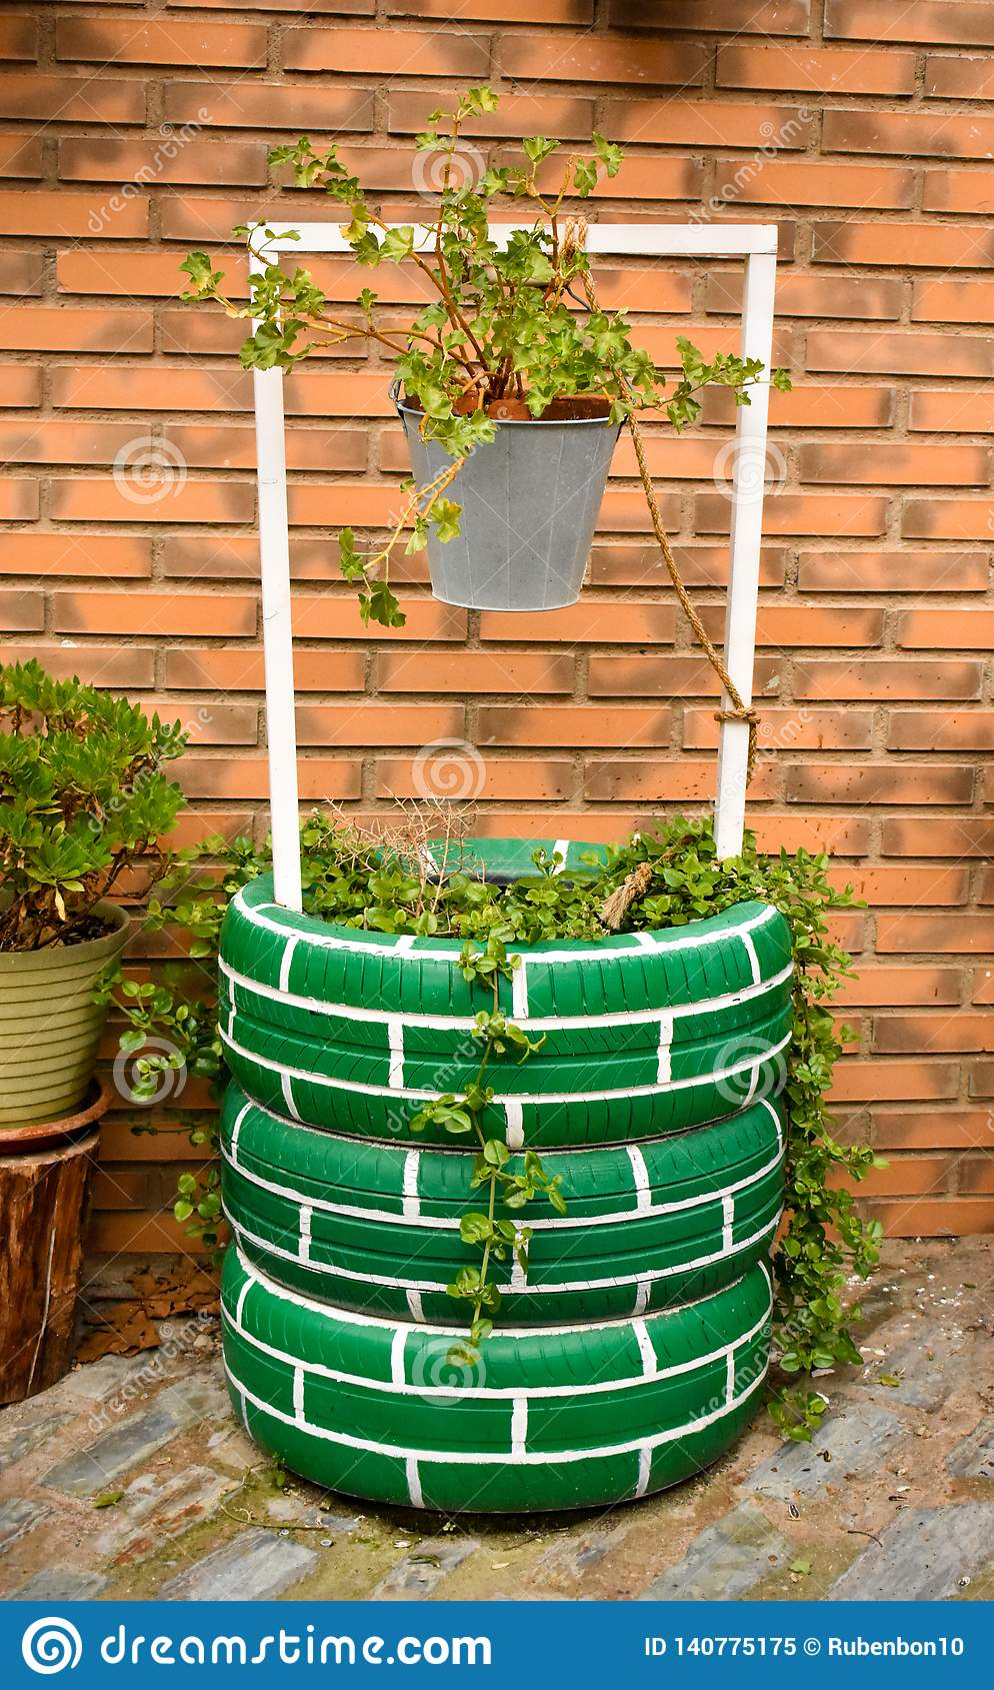 Puits d eau urbain décorant un jardin urbain avec des pneus peints, un seau gris avec des usines sur un fond de brique